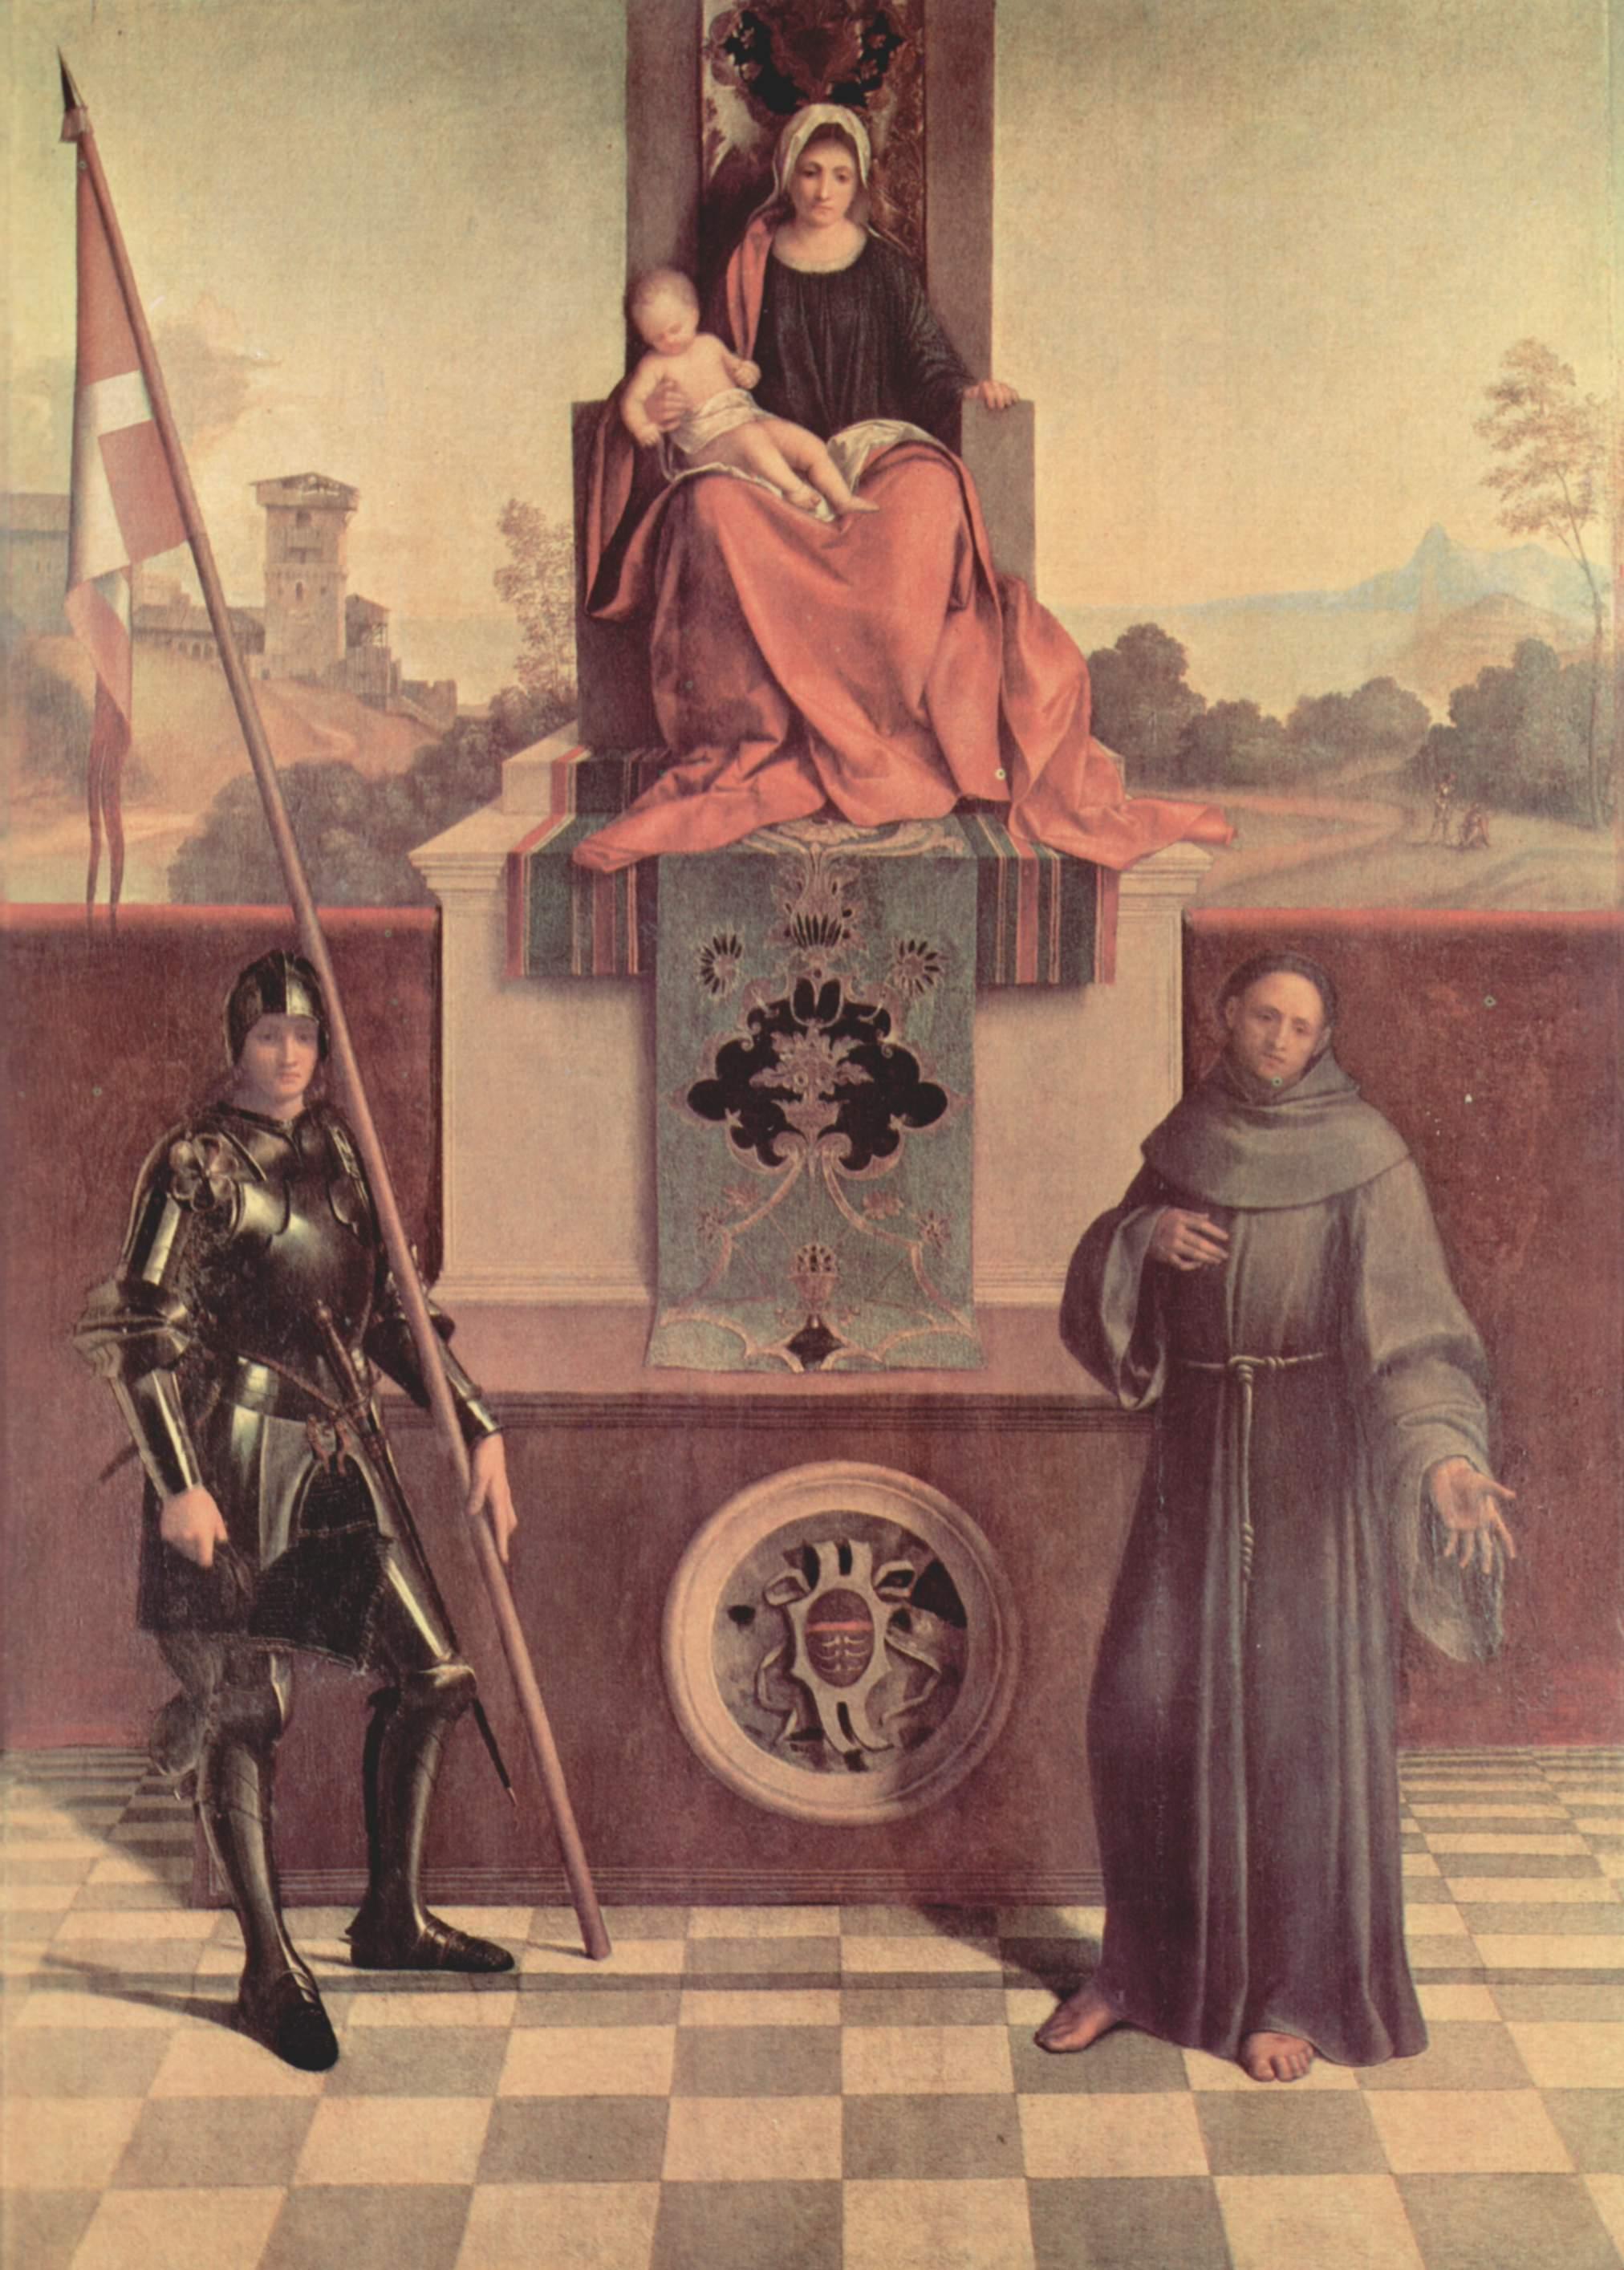 Алтарь Кастельфранко. Мадонна на троне со свв. Либералом из Тревизо и Франциском, Джорджоне